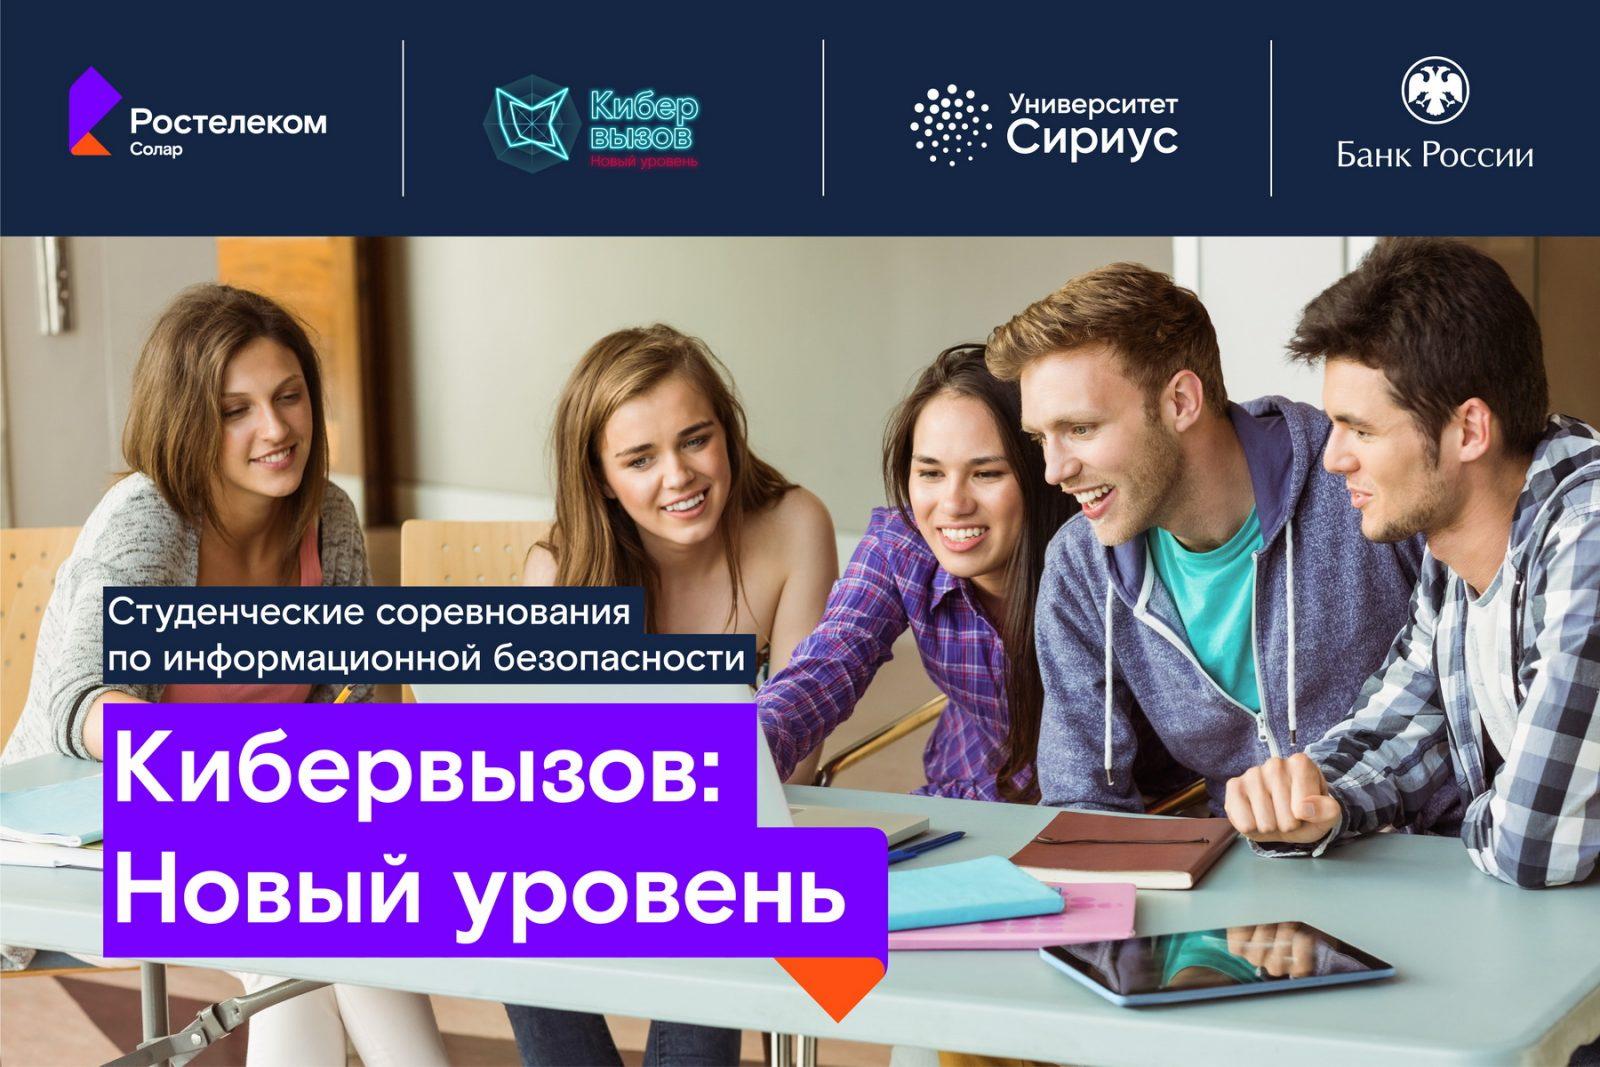 «Ростелеком» объявил набор на программу по кибербезопасности в научно-технический университет «Сириус»